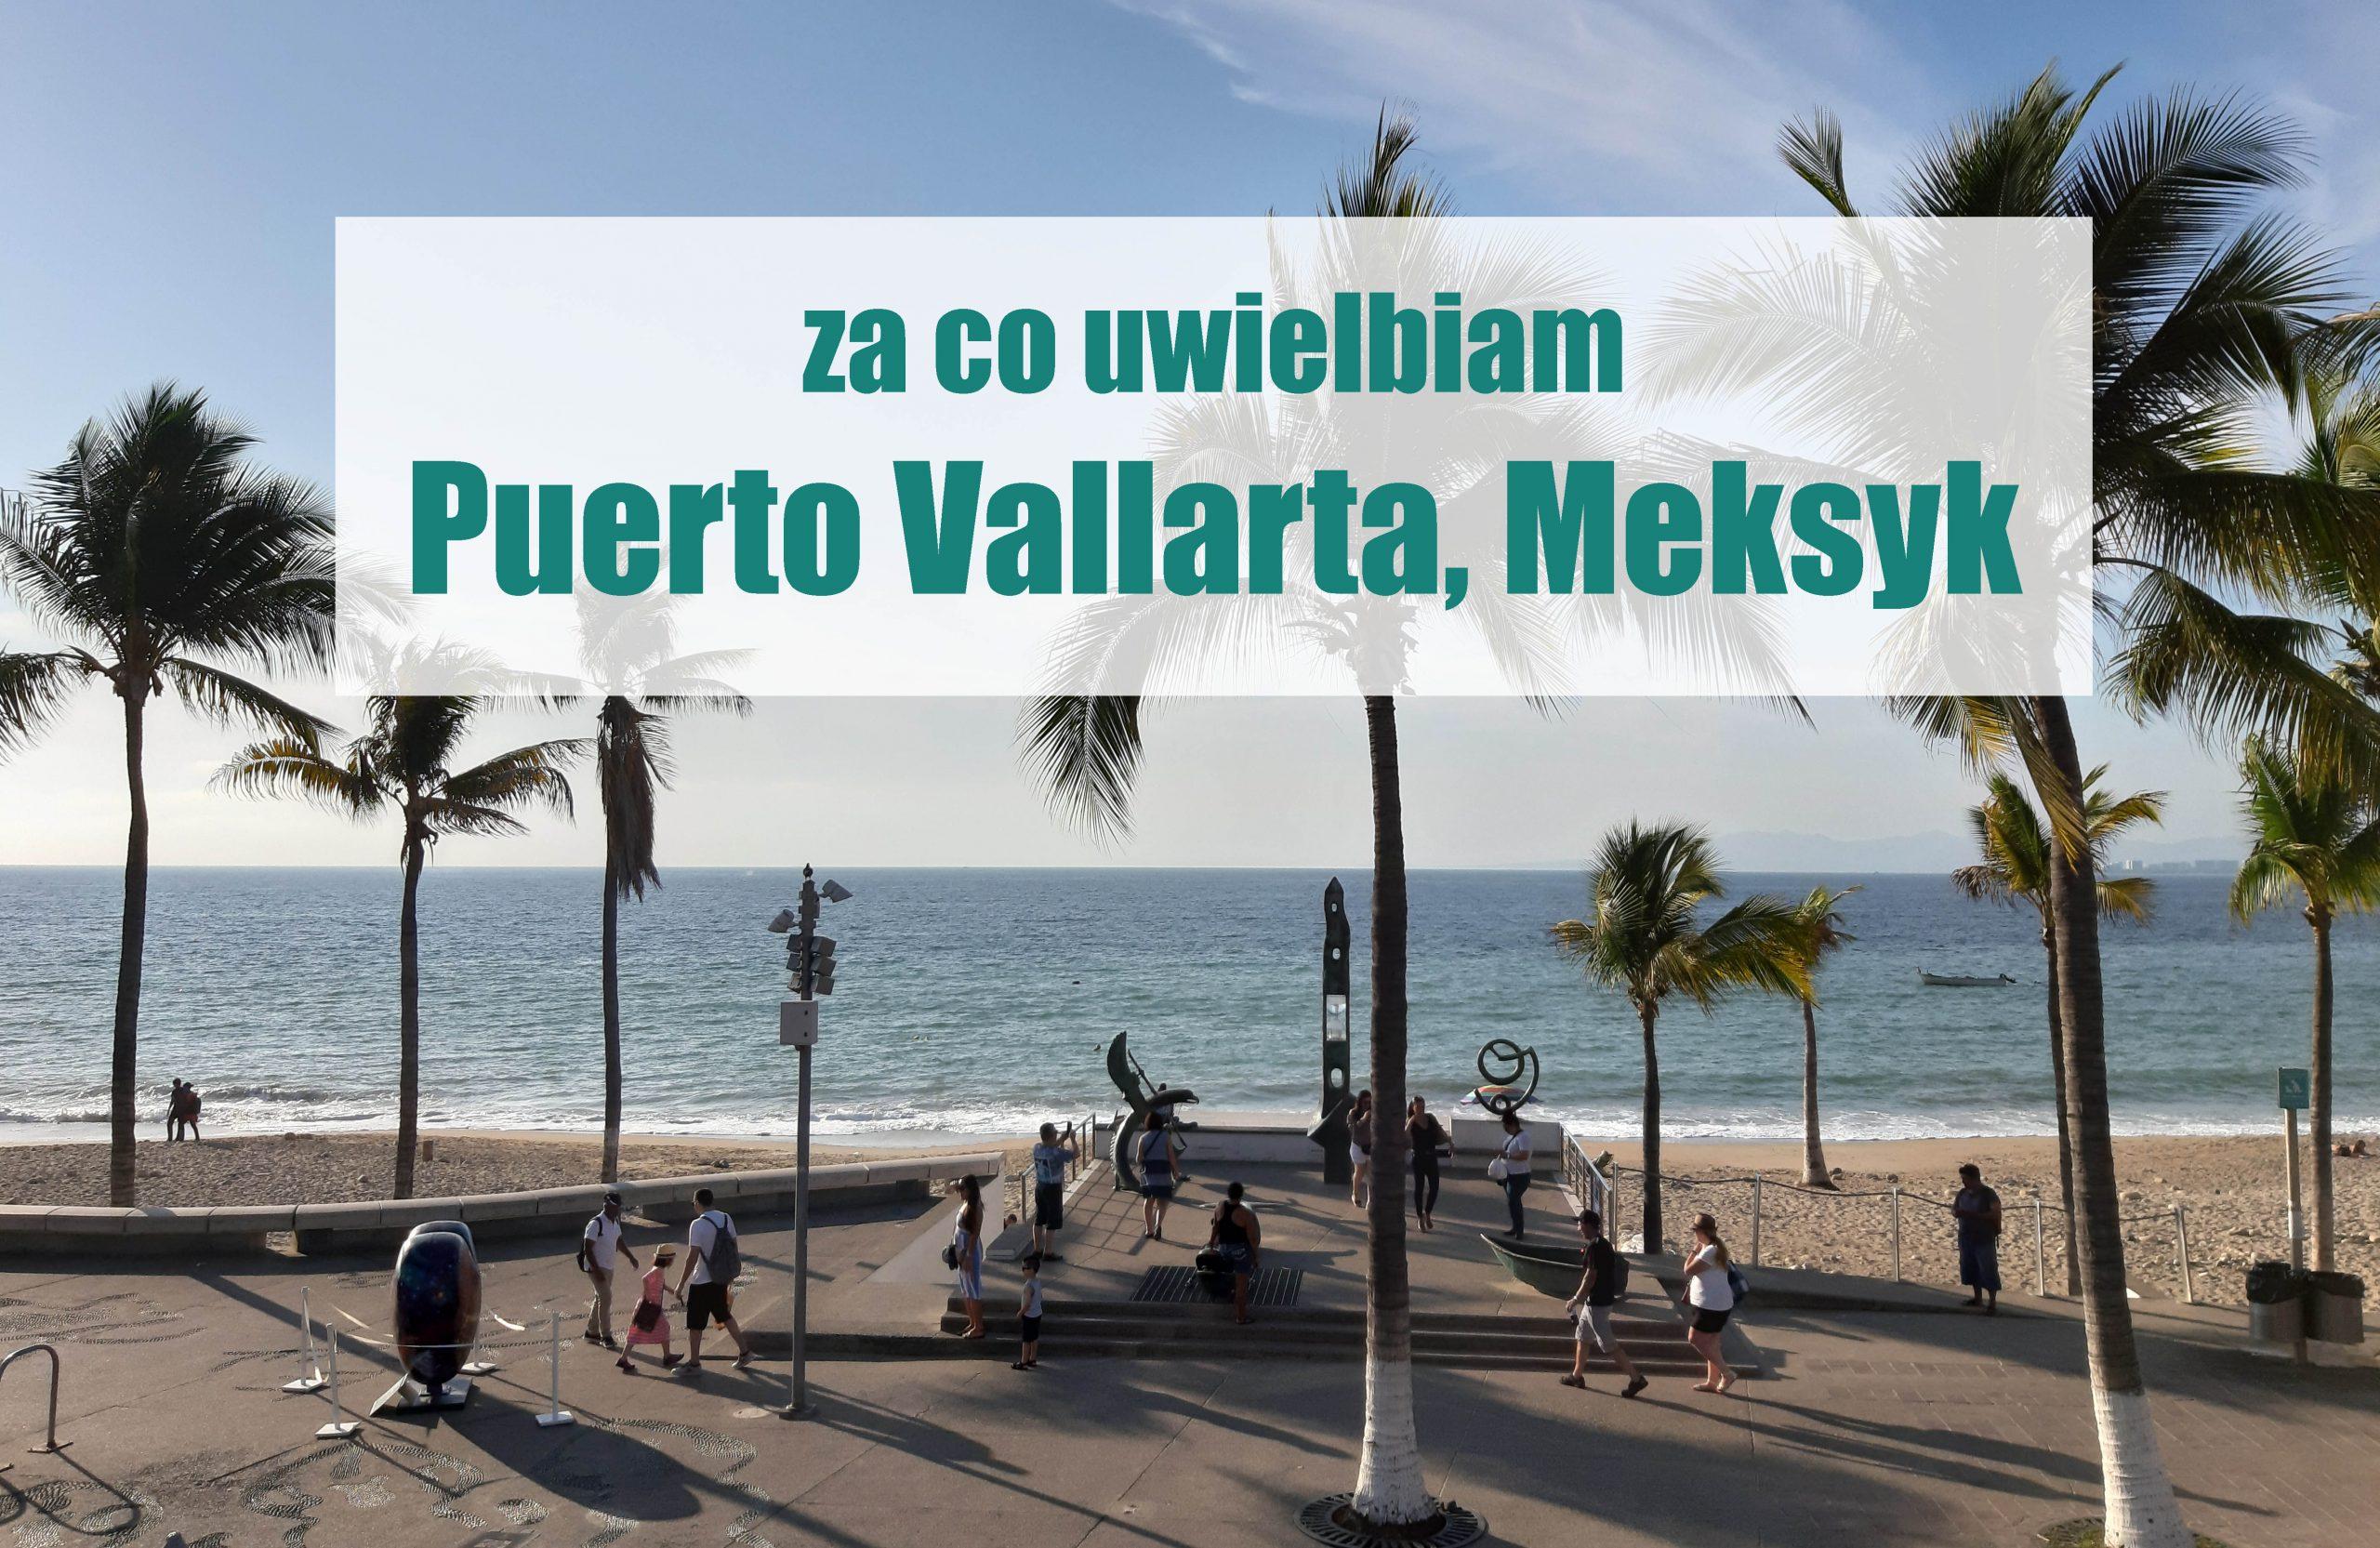 Za co uwielbiam Puerto Vallarta, Meksyk